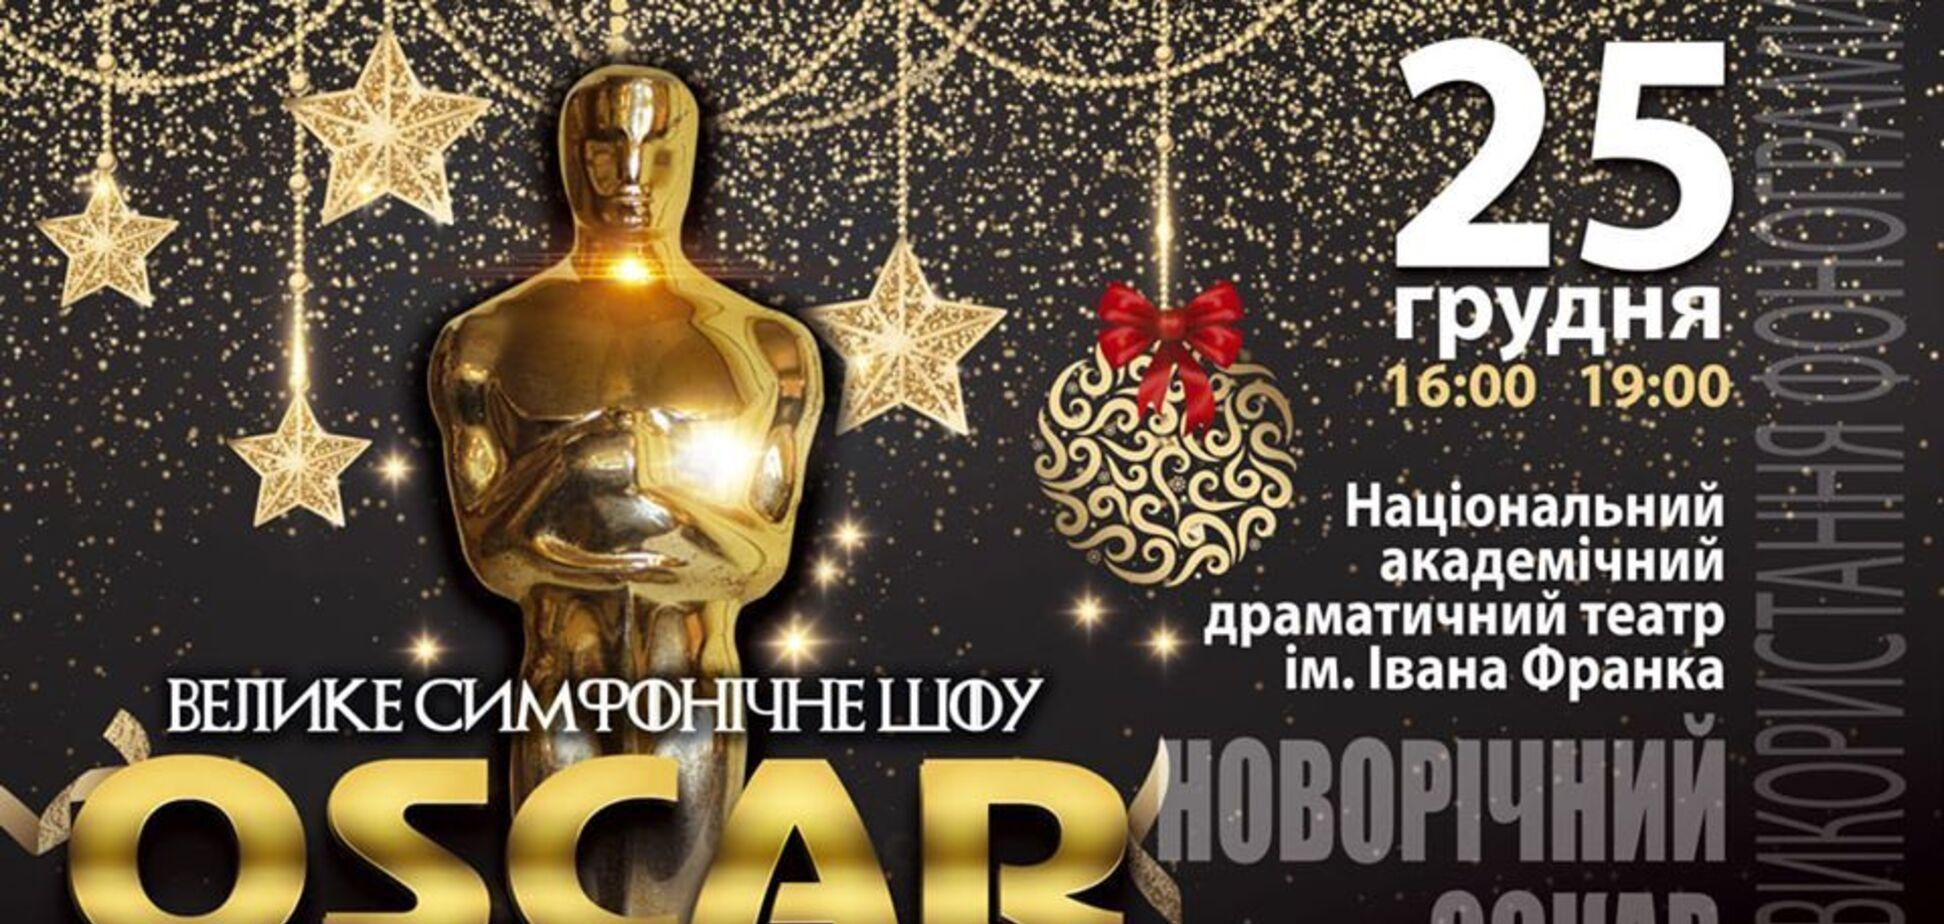 Большое симфоническое шоу 'New Year Oscar'